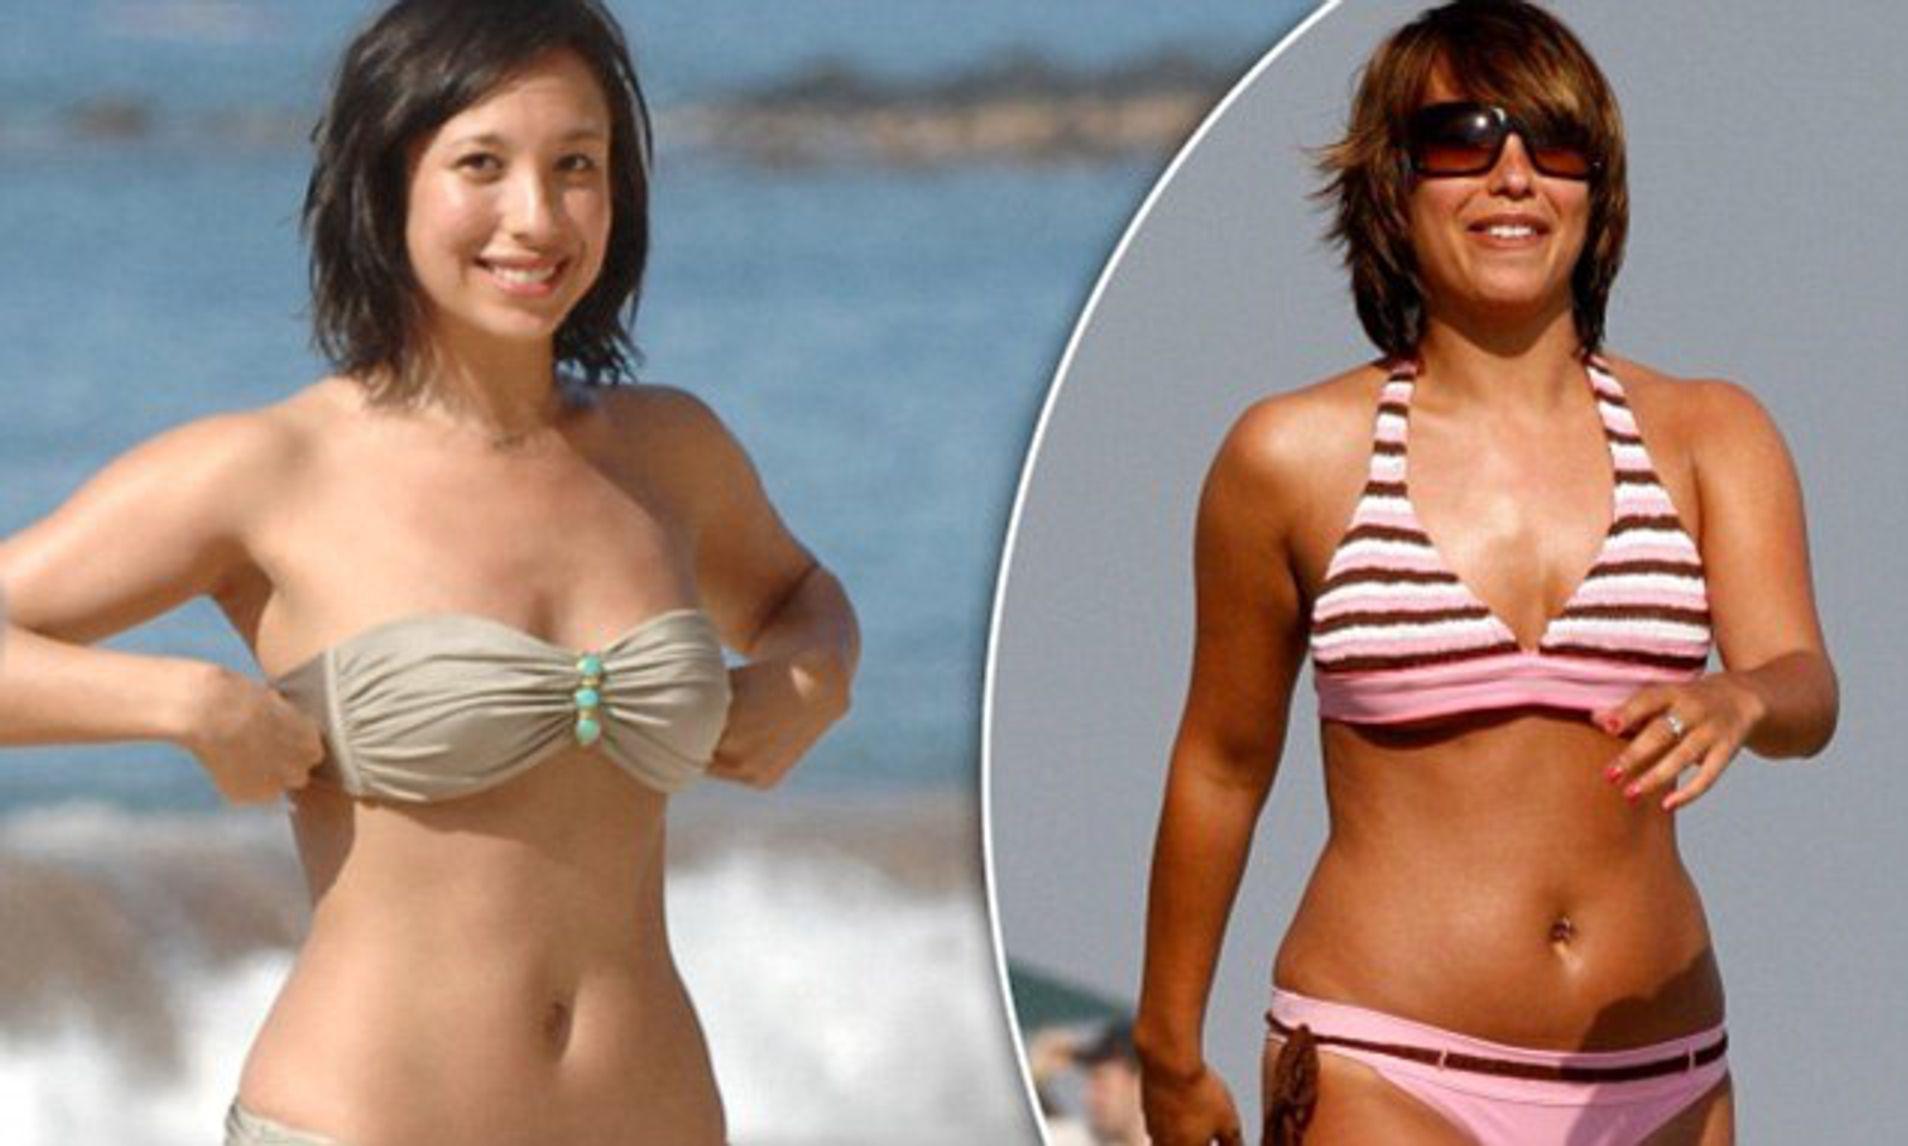 Pierdere în greutate de 2 săptămâni pierderea în greutate a persoanei în vârstă